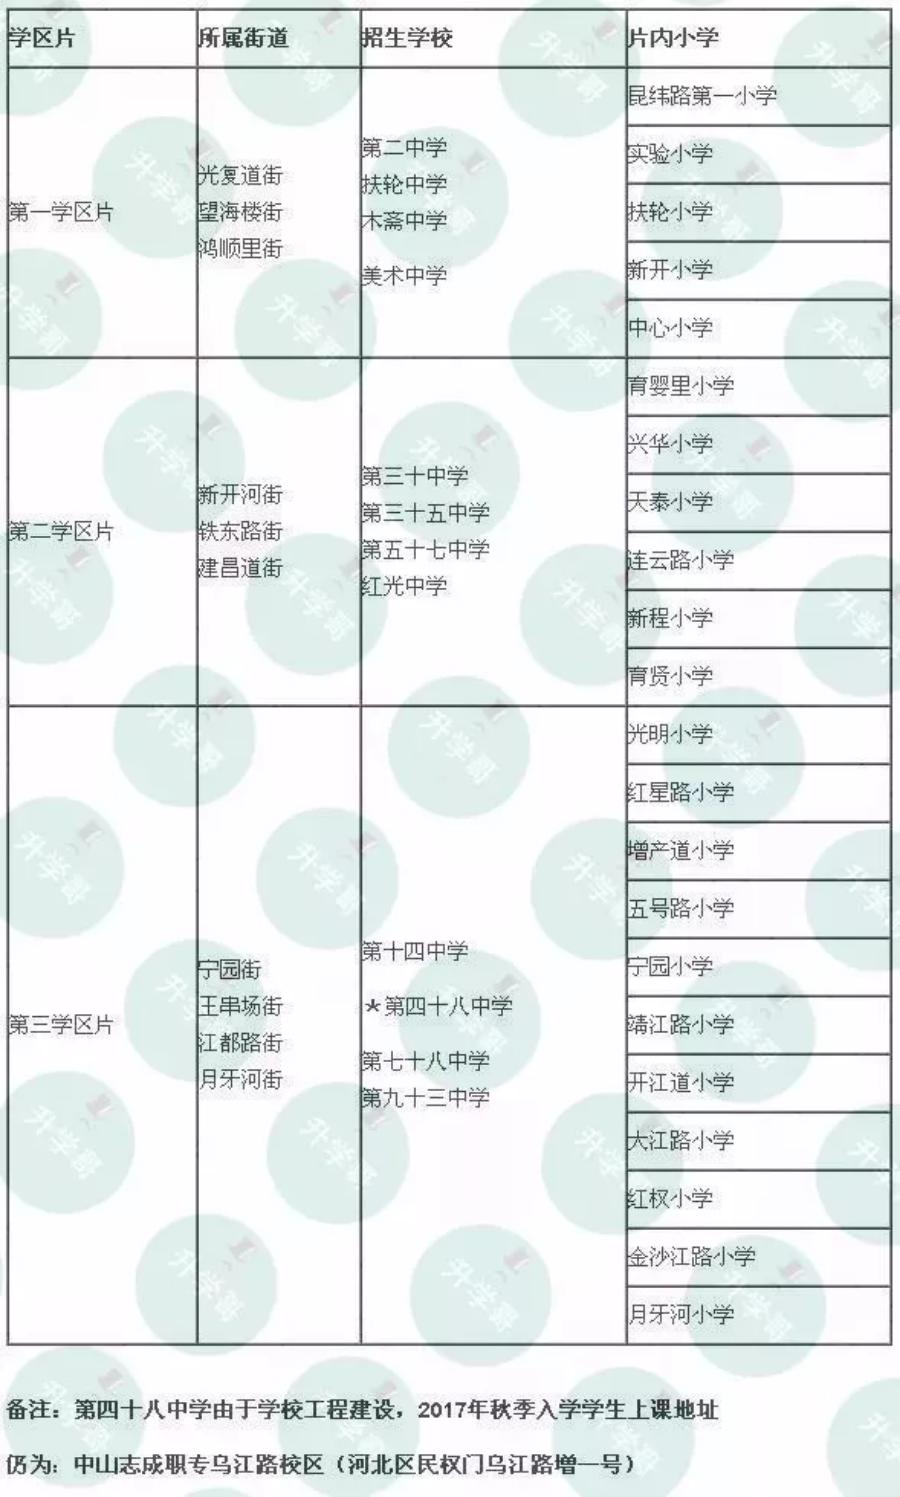 2018年河北区小升初划片